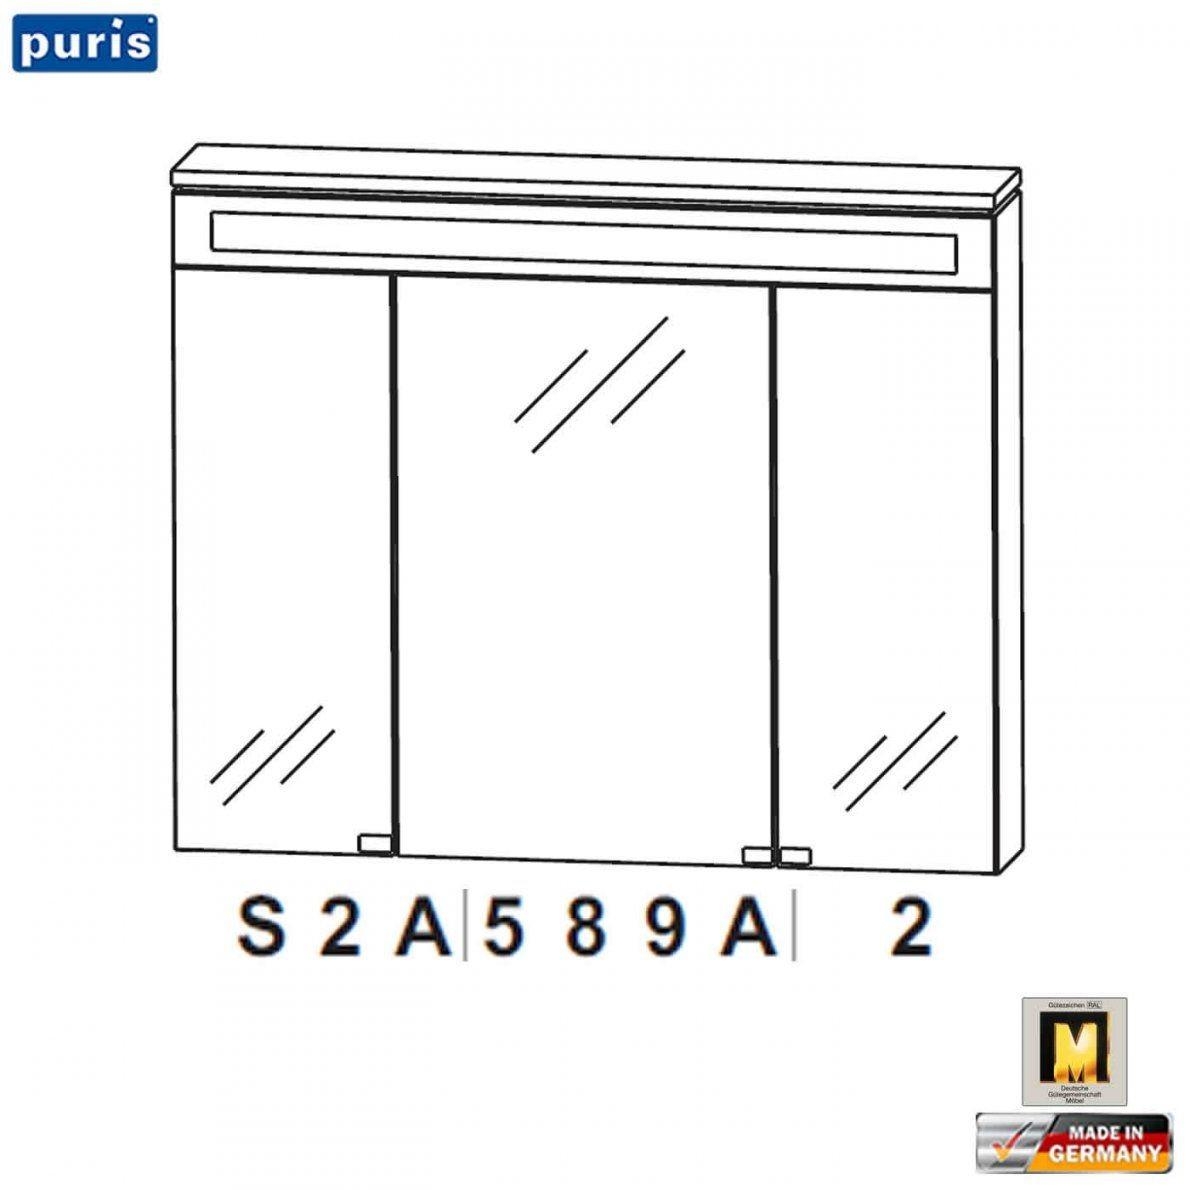 Puris Cool Line Spiegelschrank 90 Cm (S2A589A2)  Impuls Home von Puris Cool Line 90 Bild